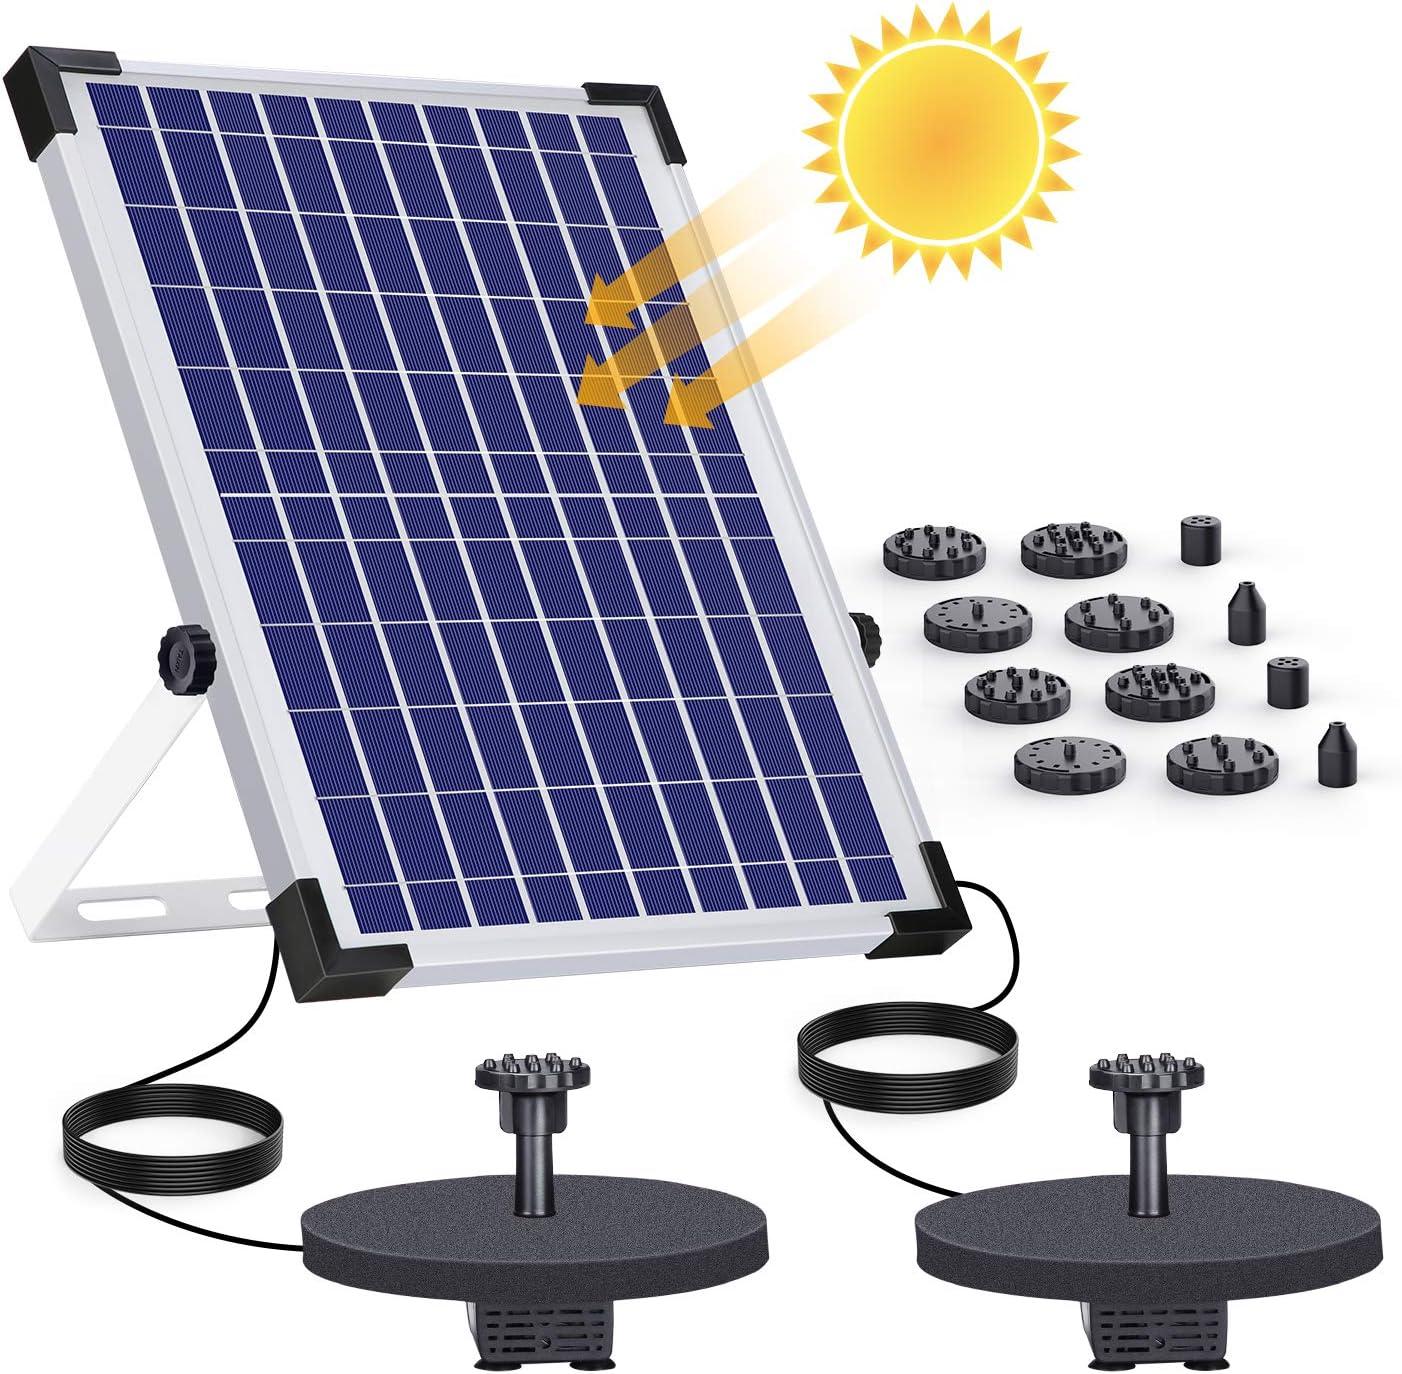 AISITIN Fuente Solar Bomba 12W Fuente de Jardín Solar, Batería Incorporada, Caudal 500 L/H, Cada bomba tiene 6 boquillas y una mesa flotante para pequeños estanques y Decoración del Jardín